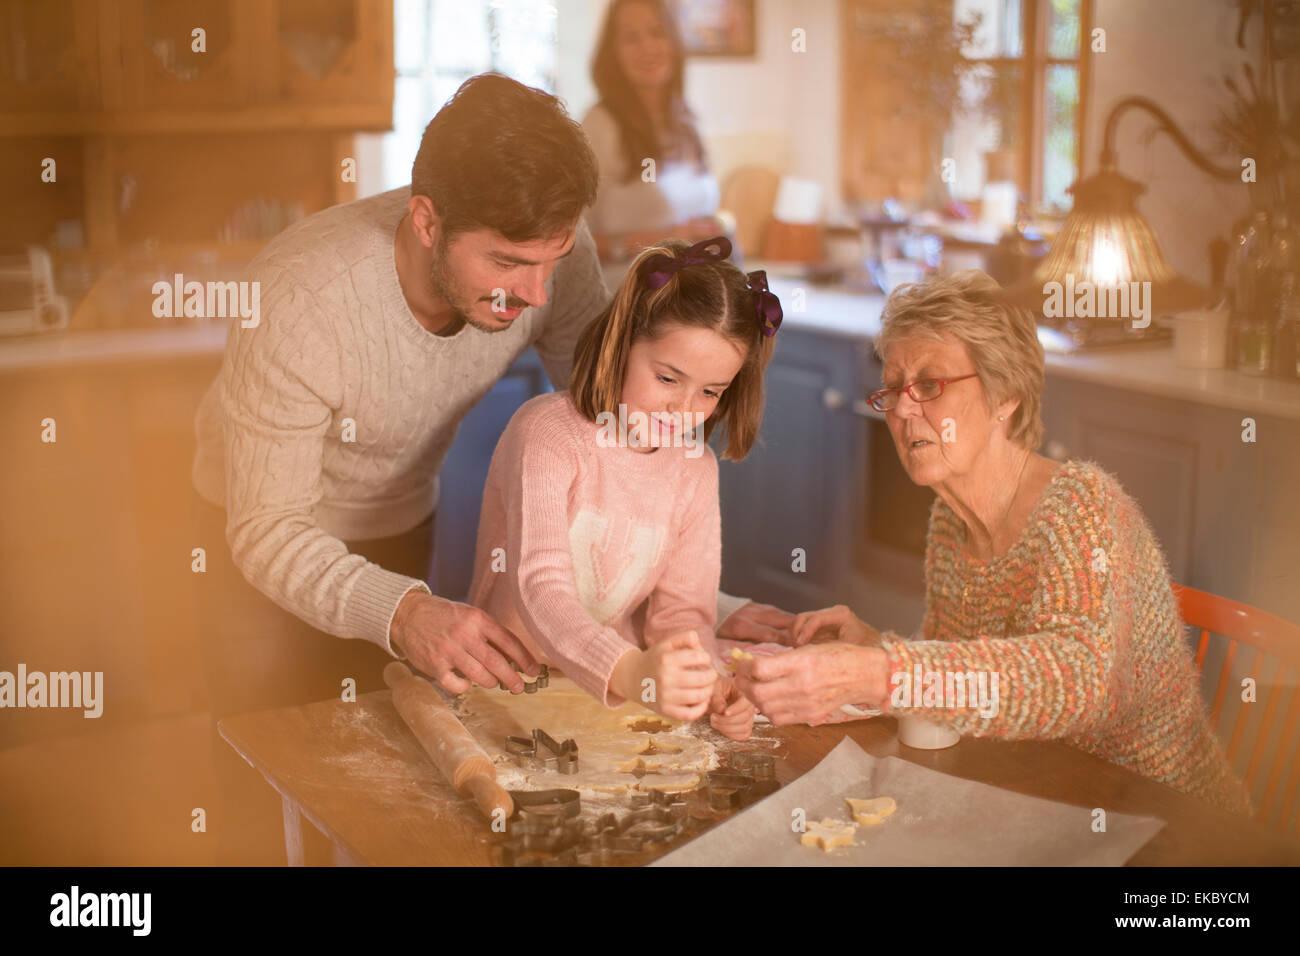 Trois générations de formes de découpe dans la pâte pour faire des biscuits Banque D'Images